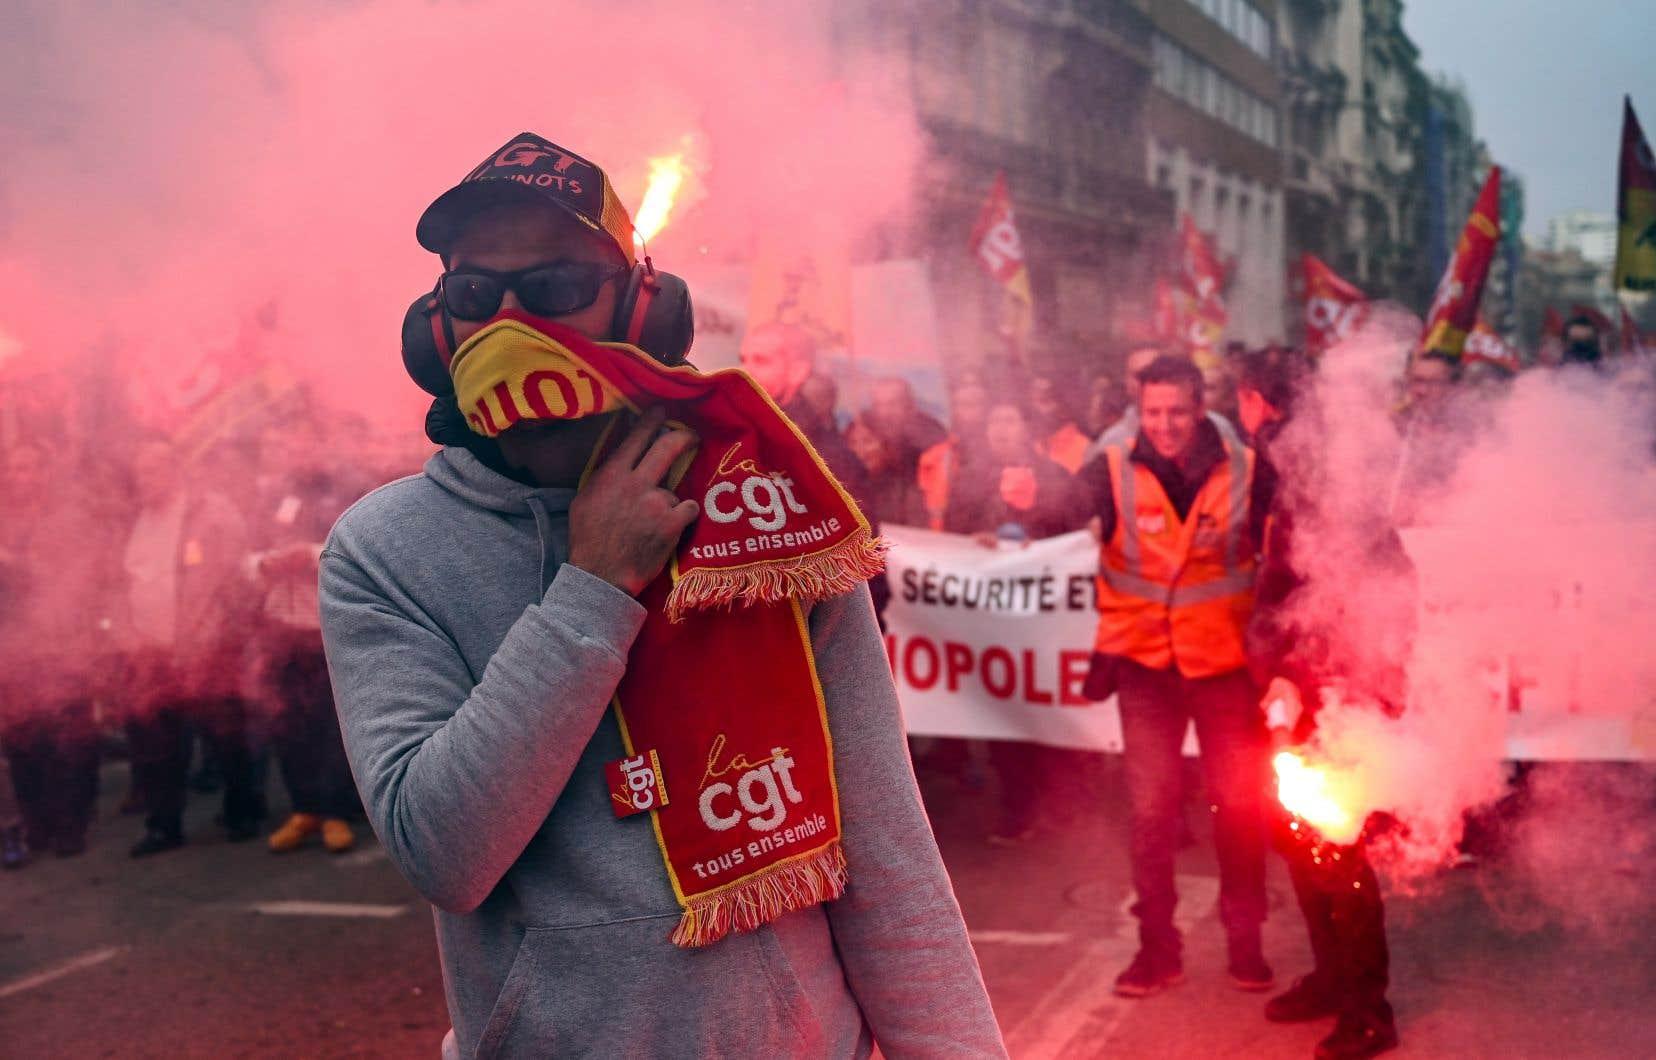 Des protestataires ont allumé des feux de détresse pendant une manifestation à Marseille, mardi, contre la réforme des retraites par le gouvernement Macron.